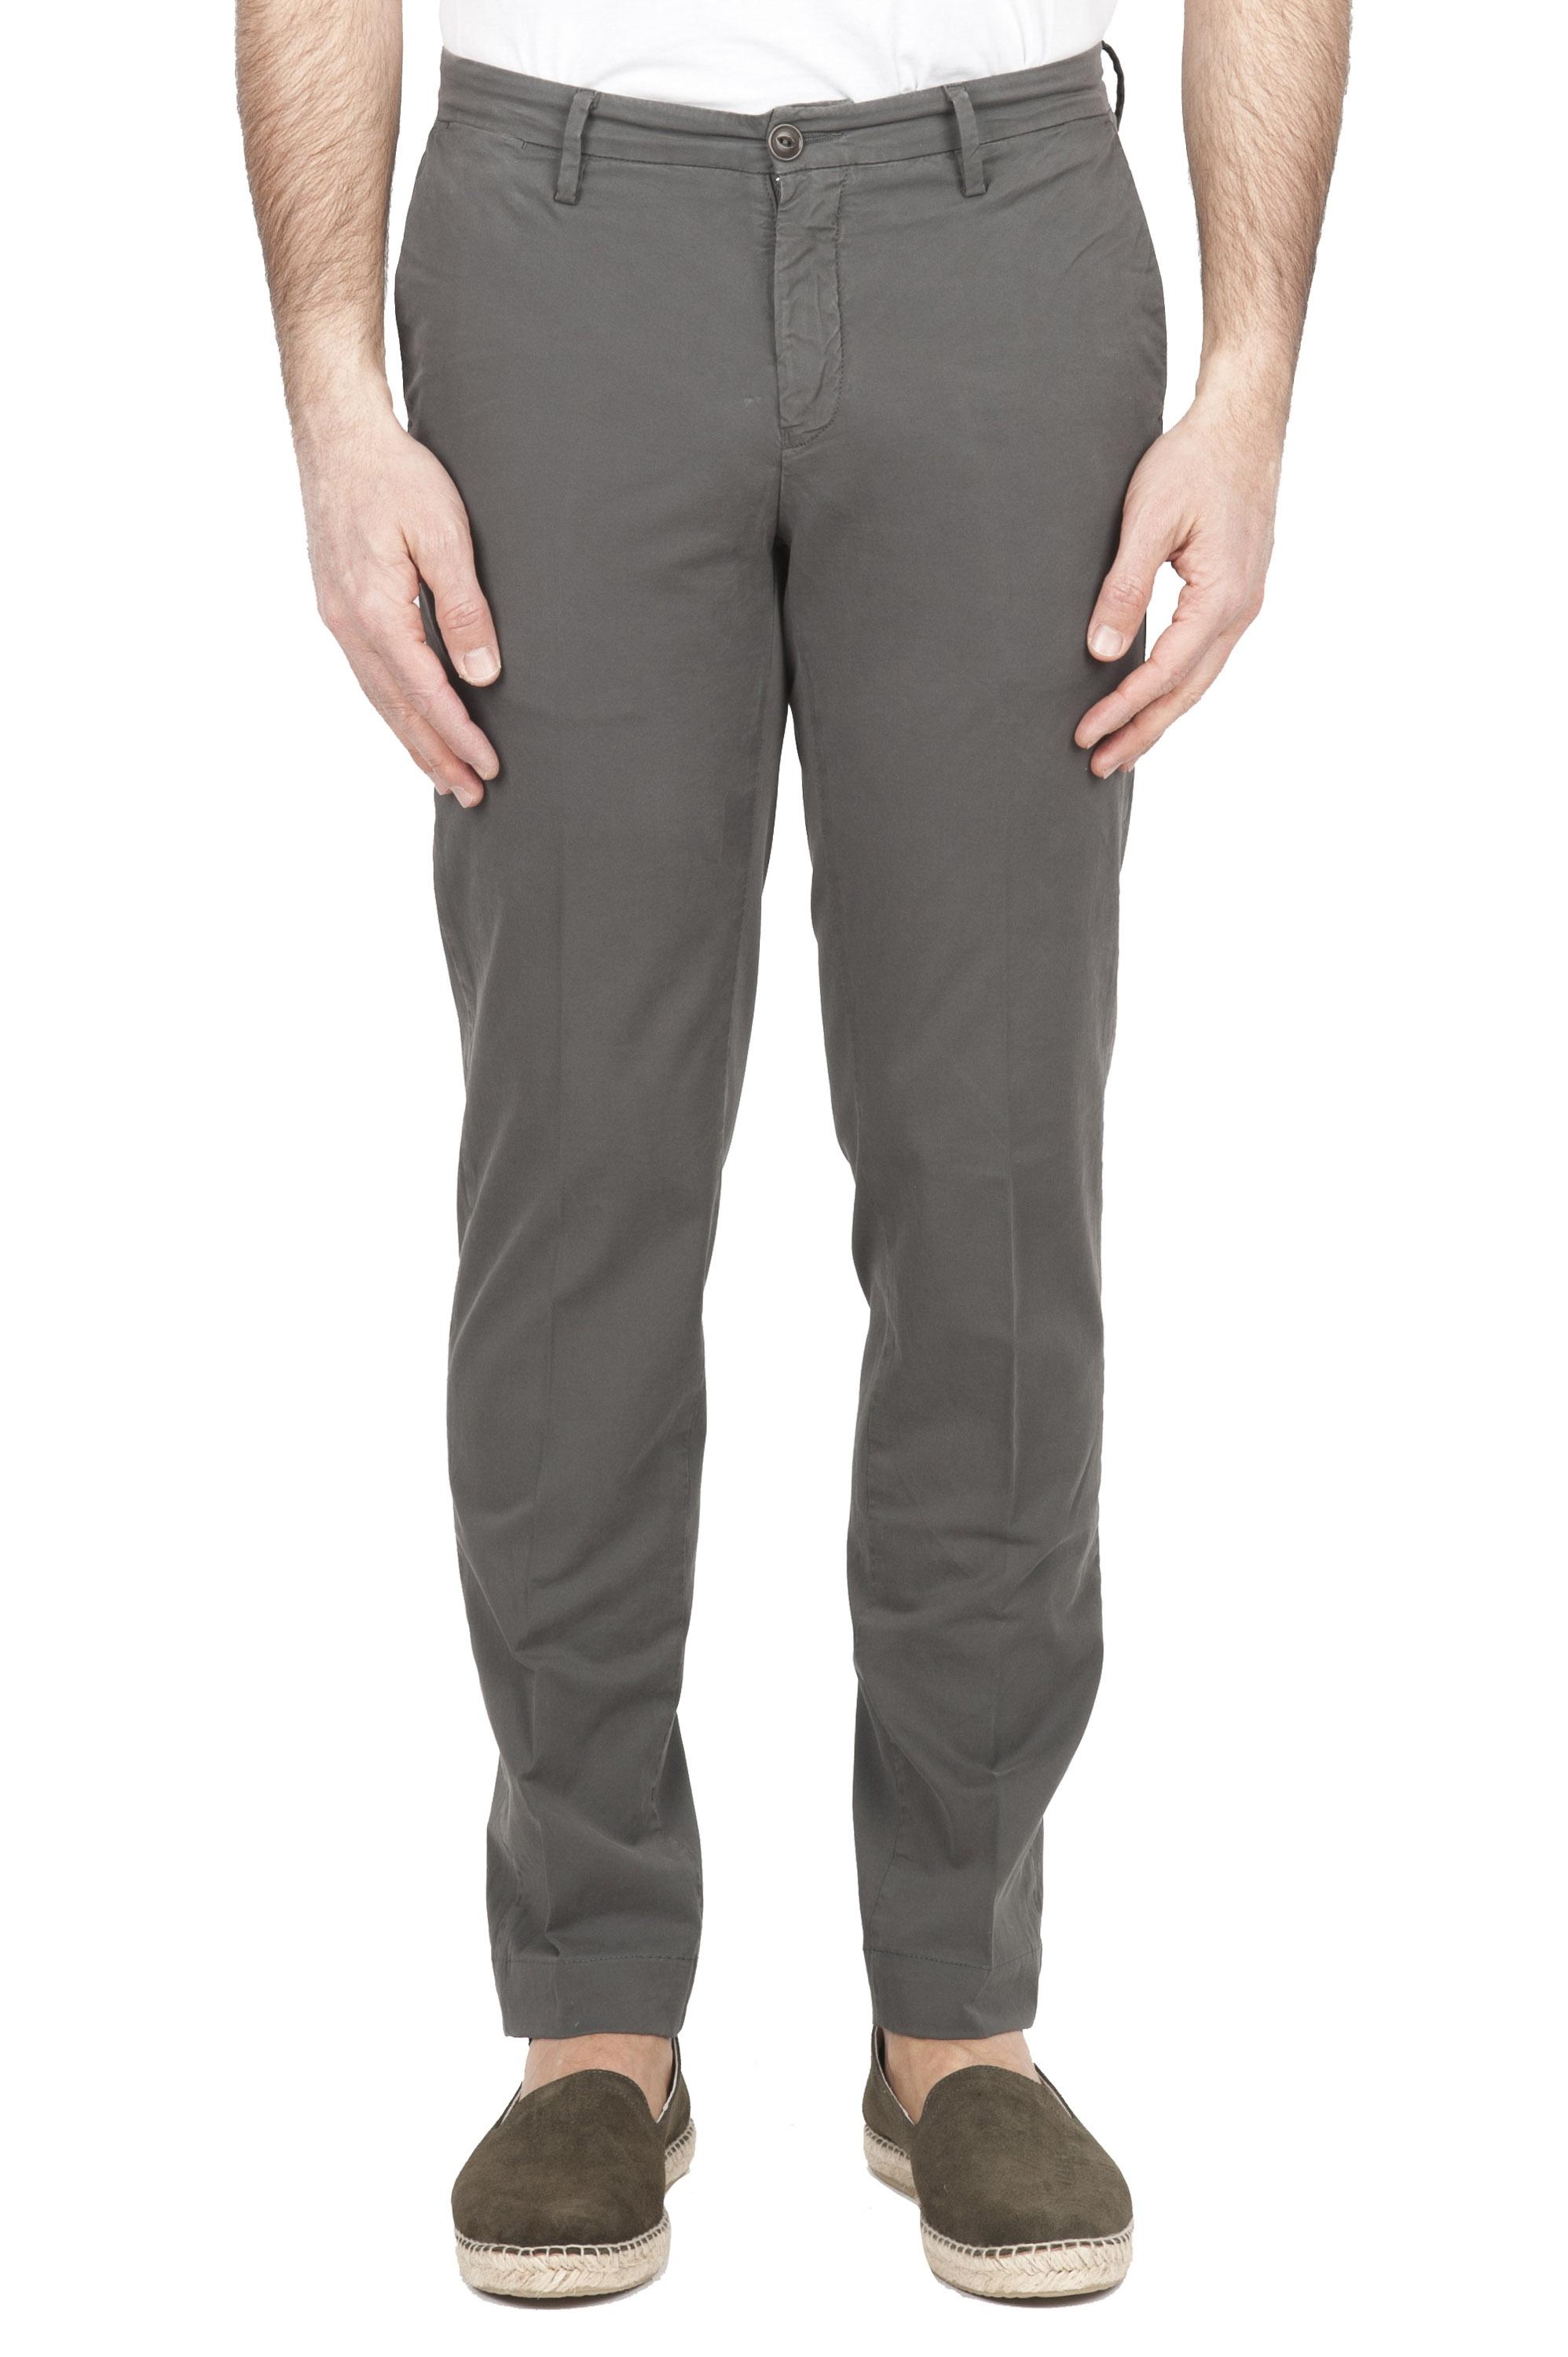 SBU 01685 Pantalones chinos clásicos en algodón elástico caqui 01